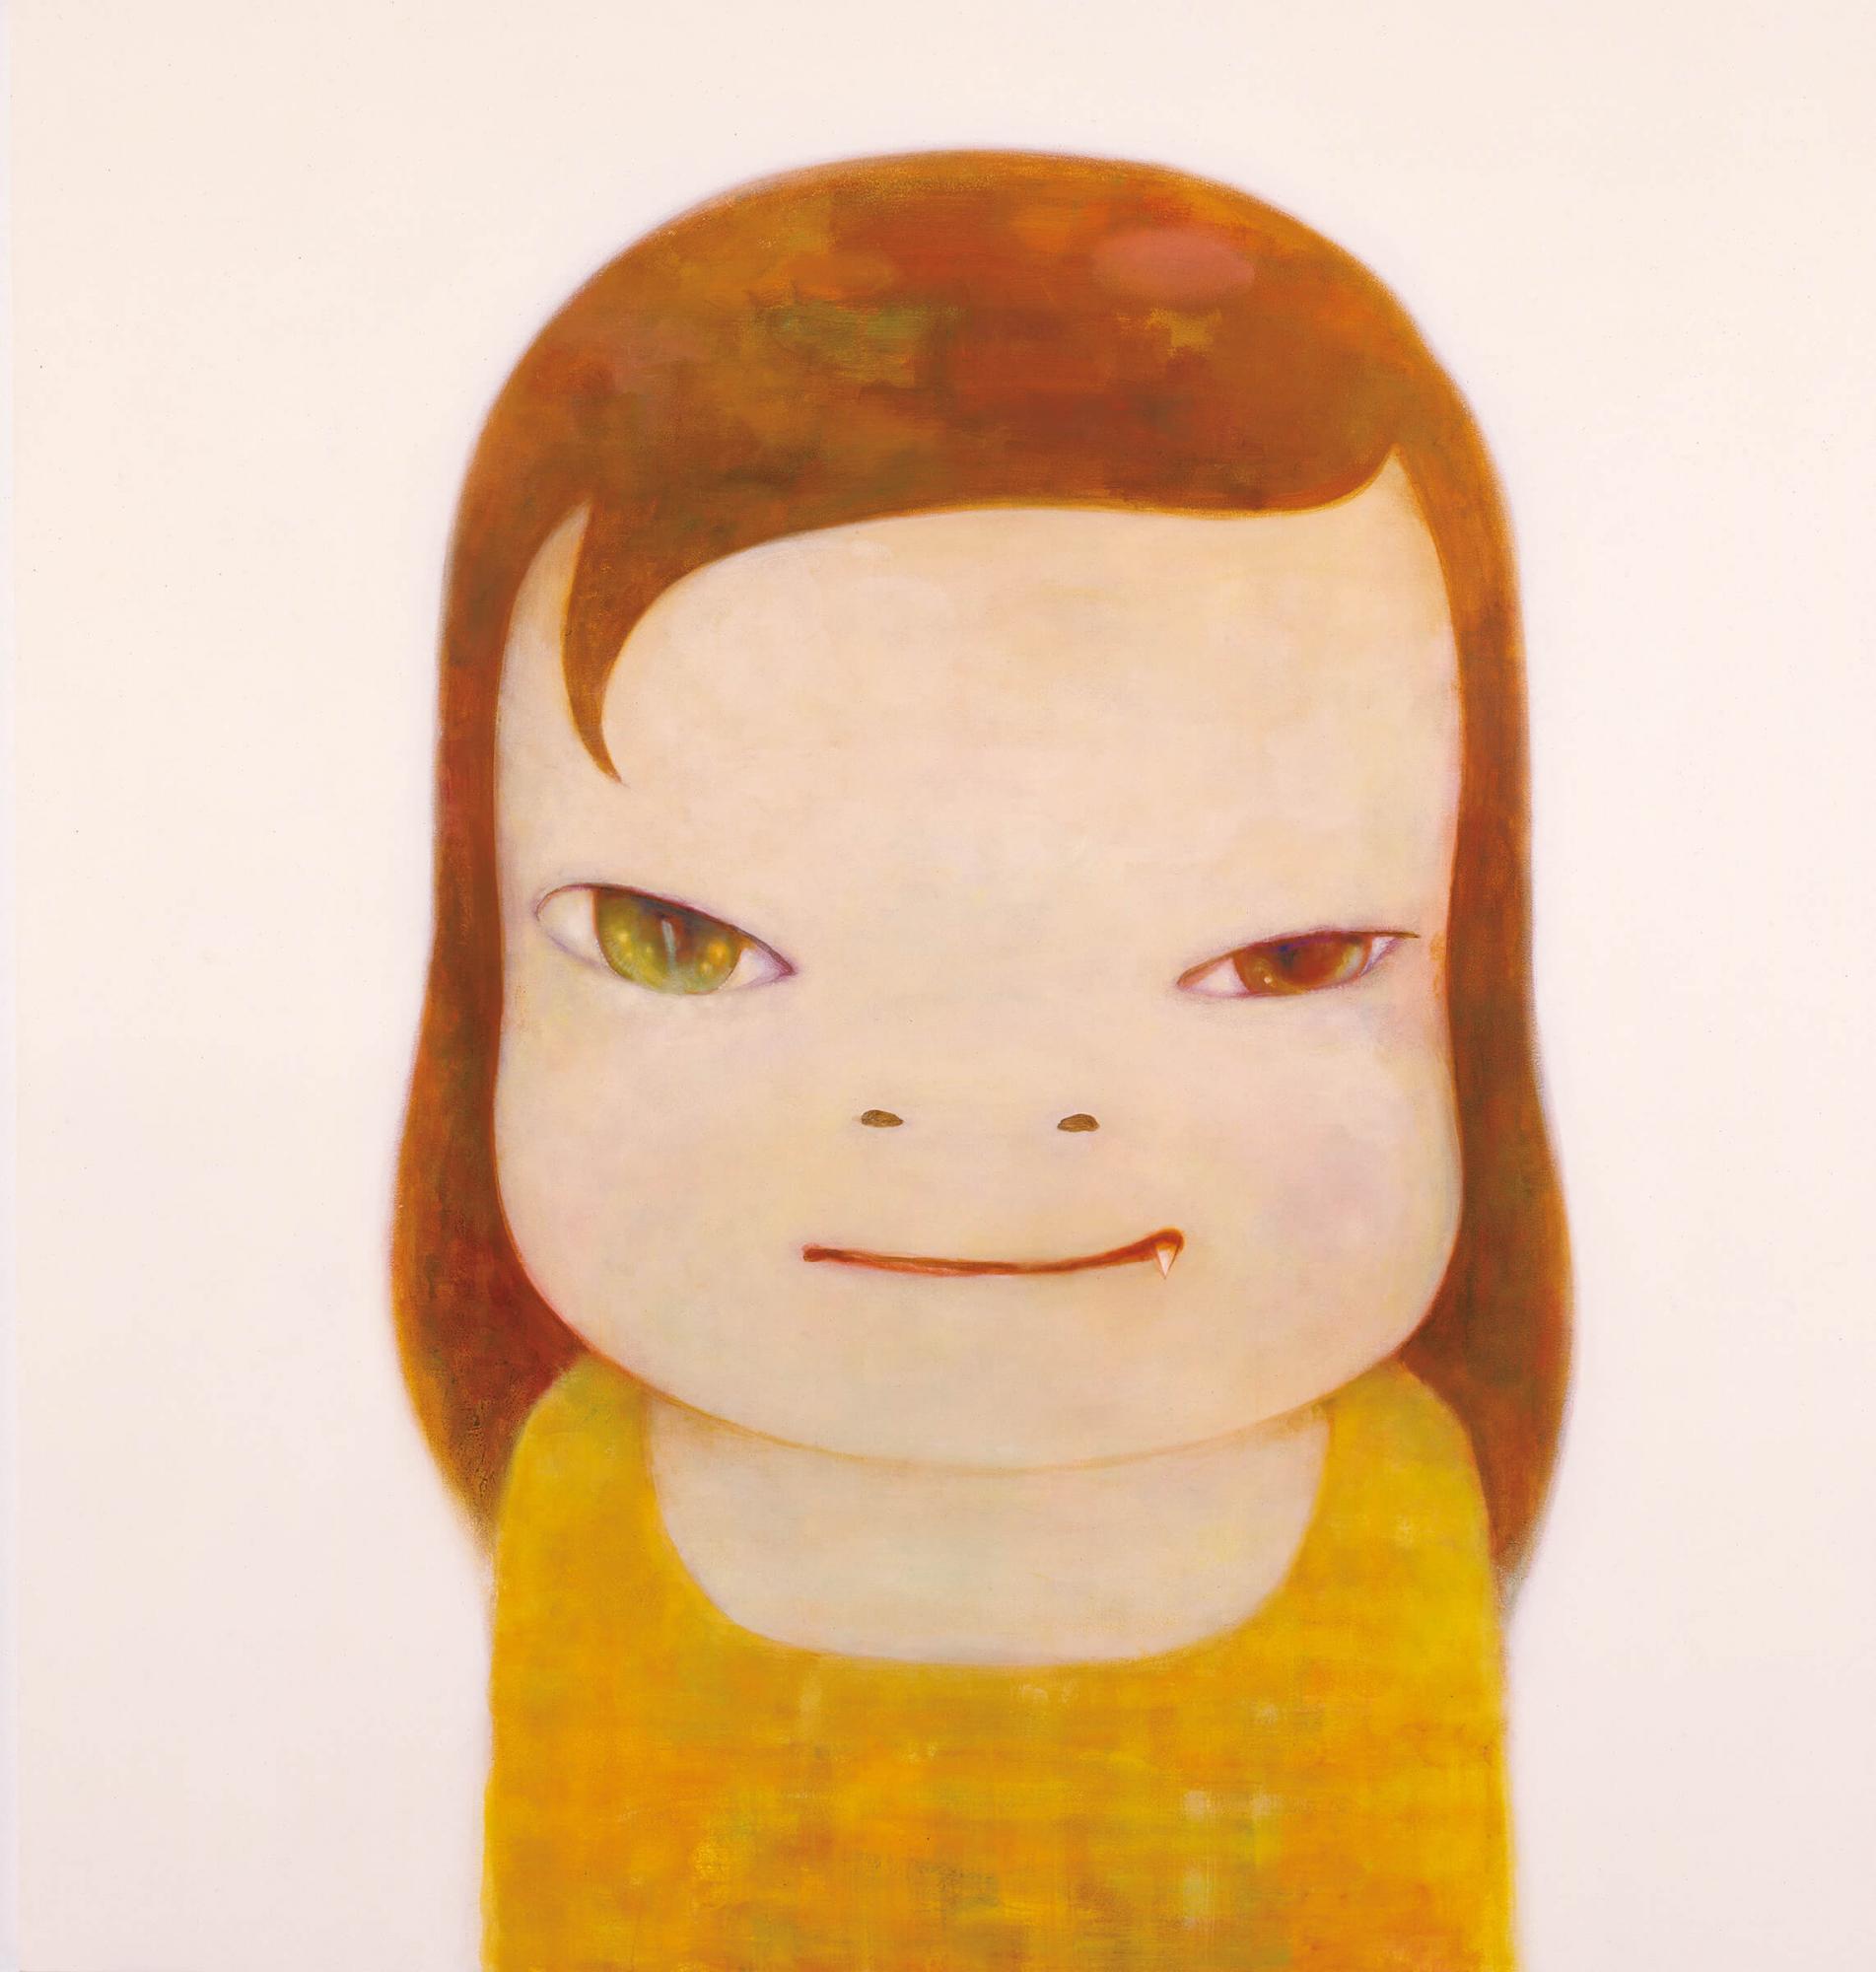 奈良美智 (1959年生 ) 《等不及夜幕降臨》壓克力 畫布 193.2 x 183.2公分 (76⅛ x 72⅛吋) 2012年作 估價待詢